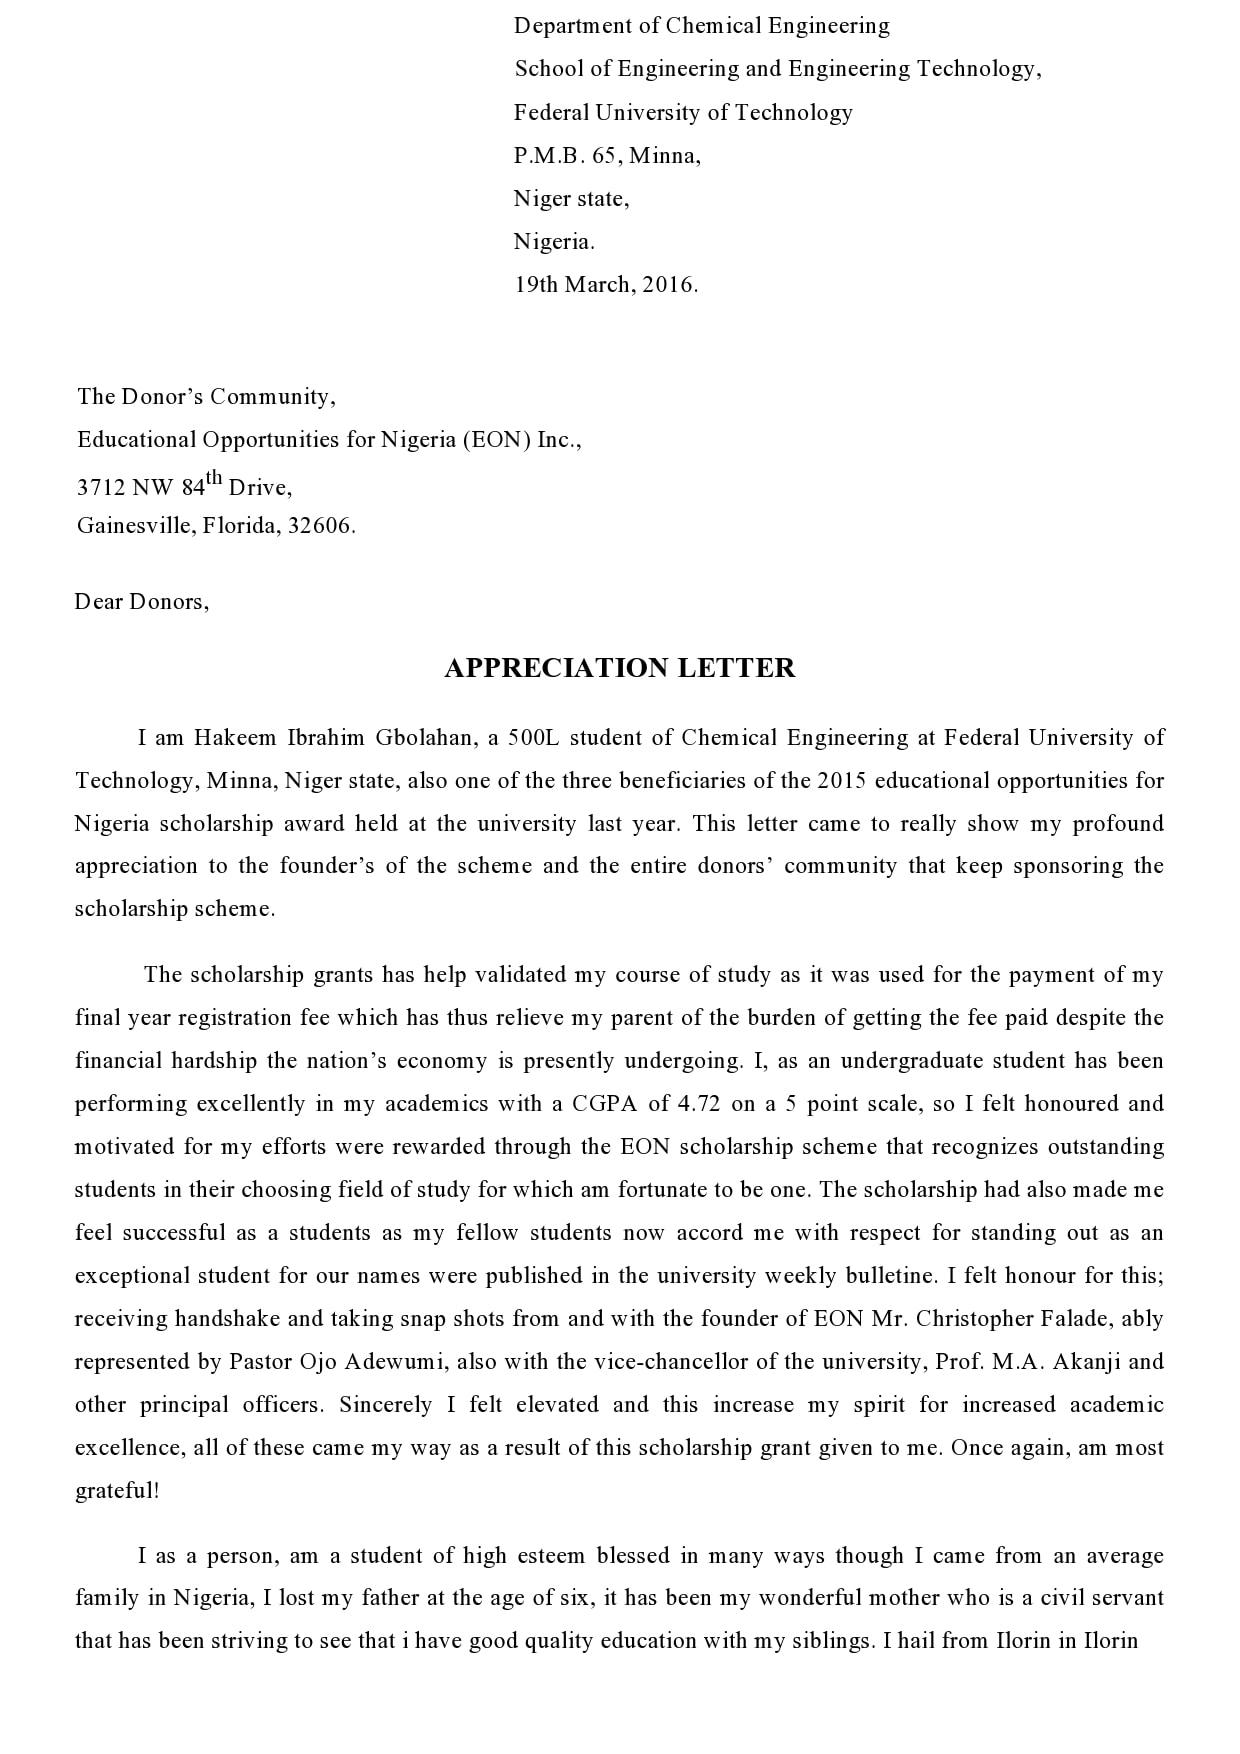 appreciation letter 31